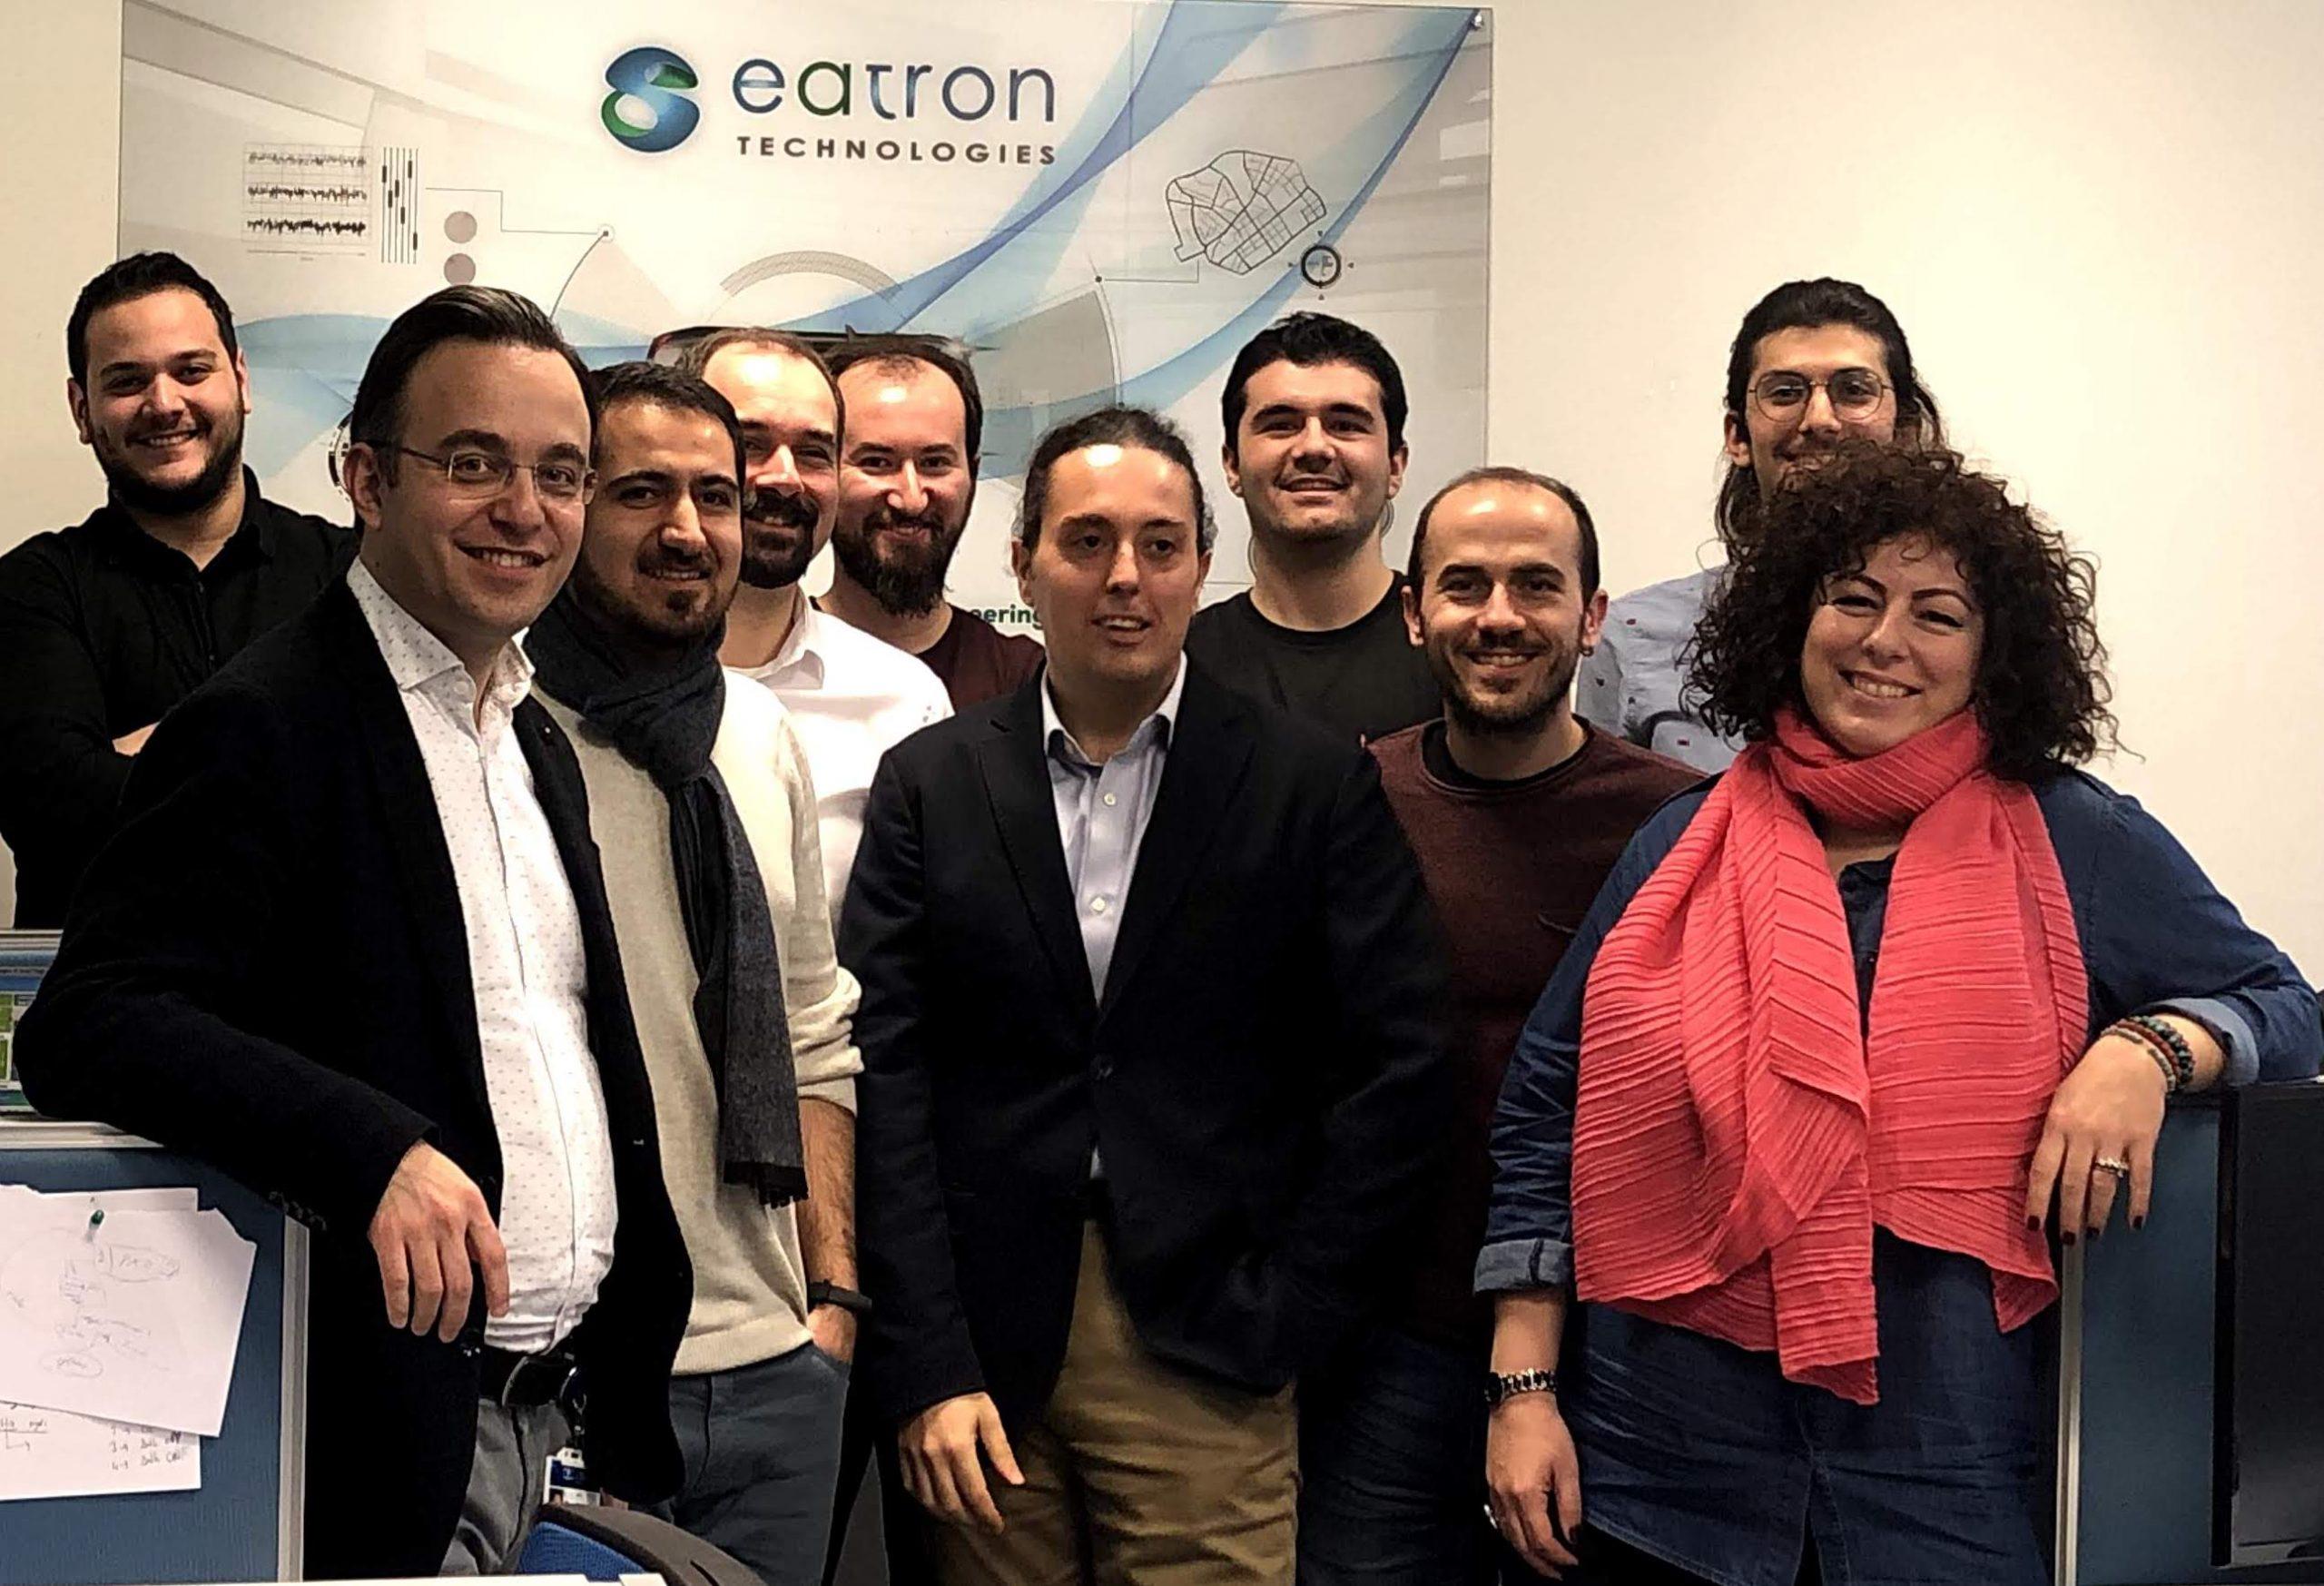 Yapay Zeka Girişimlerinden Eatron 1 Milyon Euro Yatırım Aldı